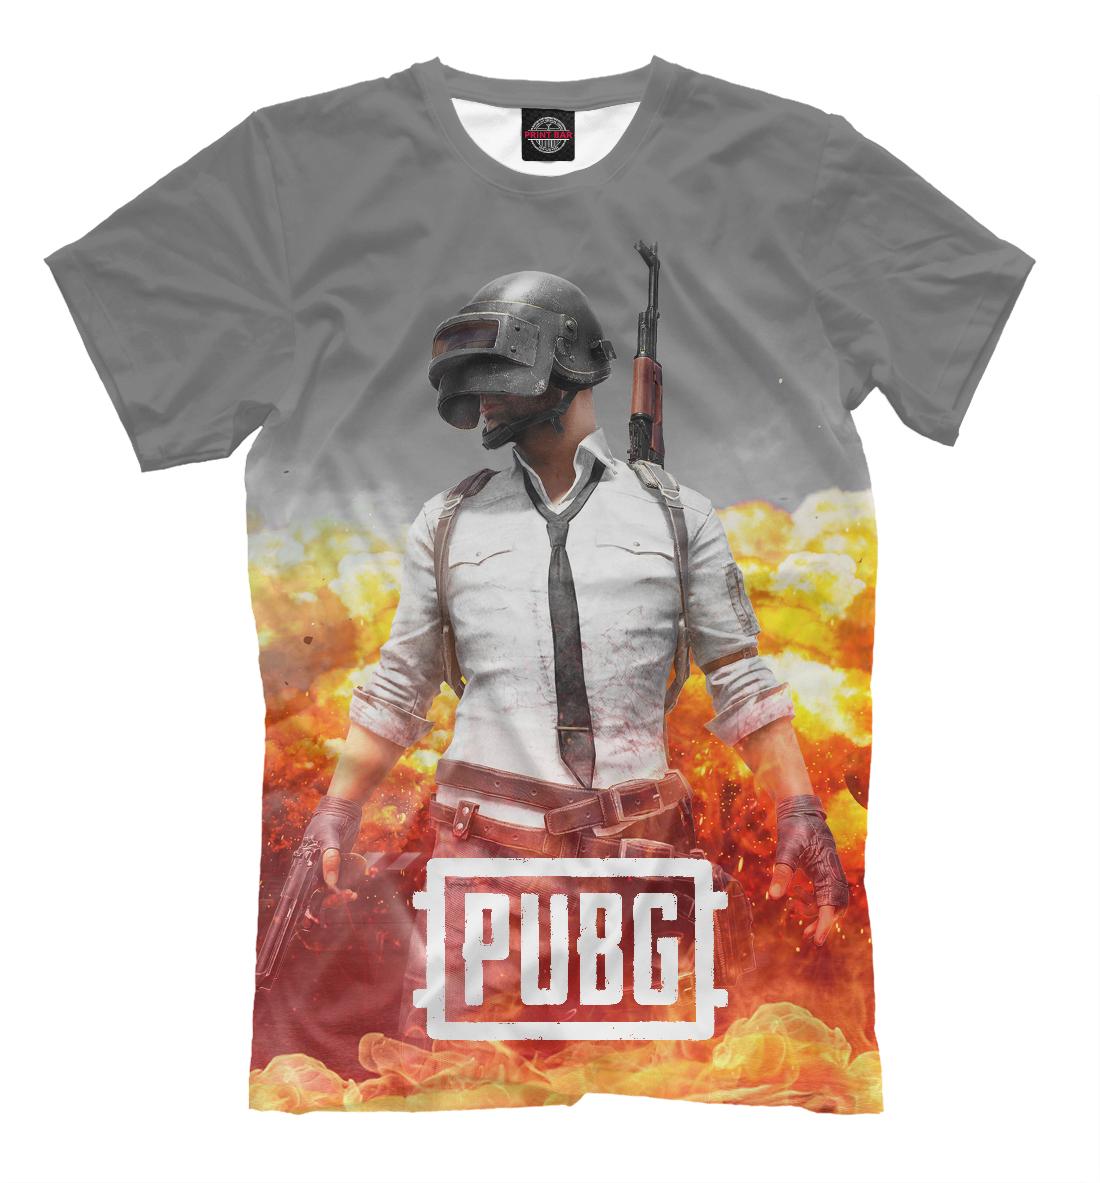 Купить PUBG FIRE, Printbar, Футболки, PBG-978135-fut-2